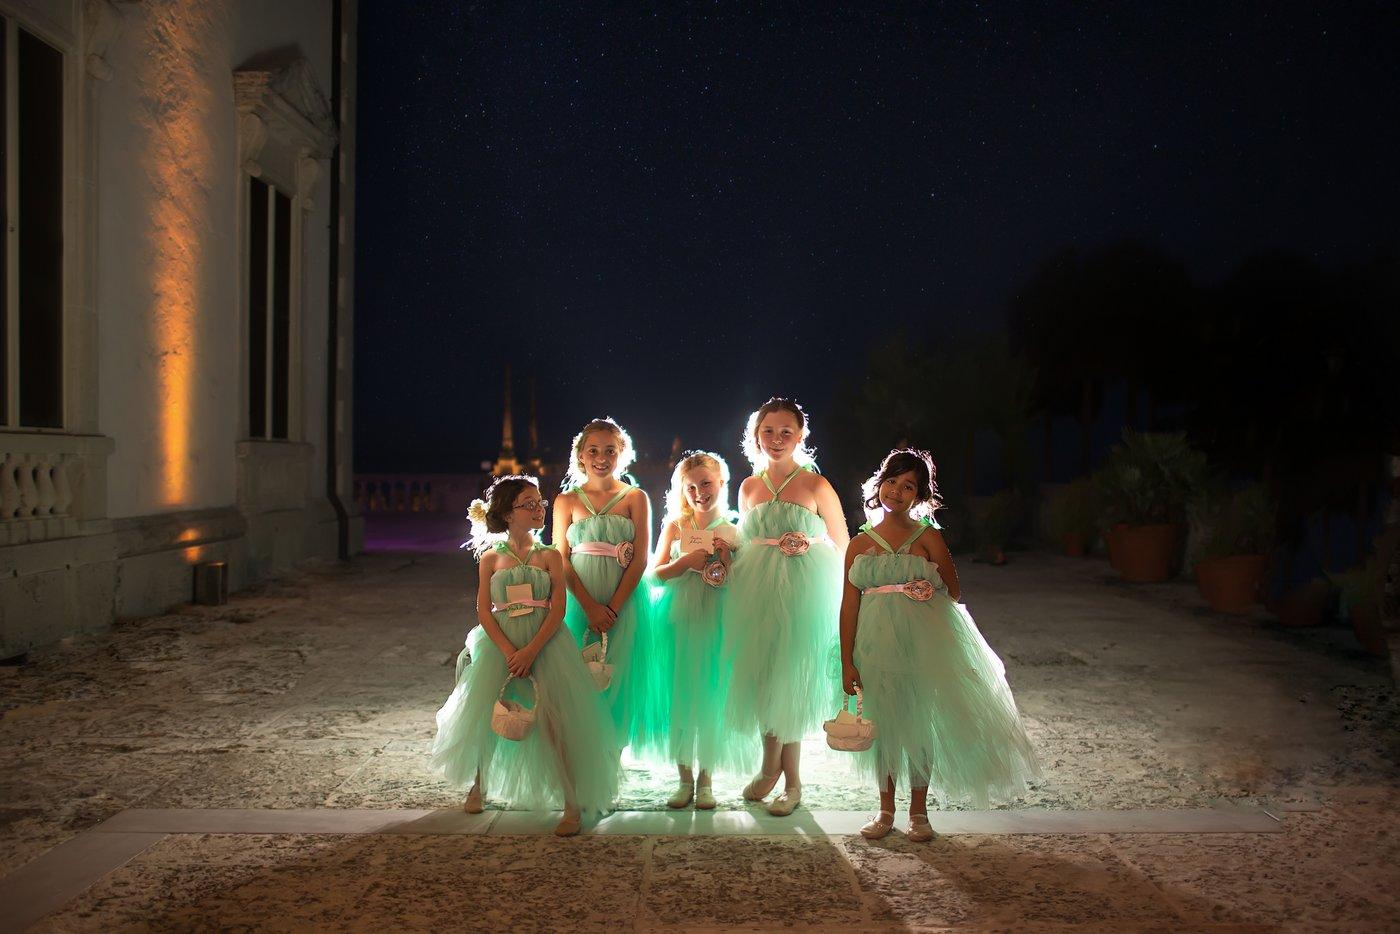 miami vizcaya wedding location photos